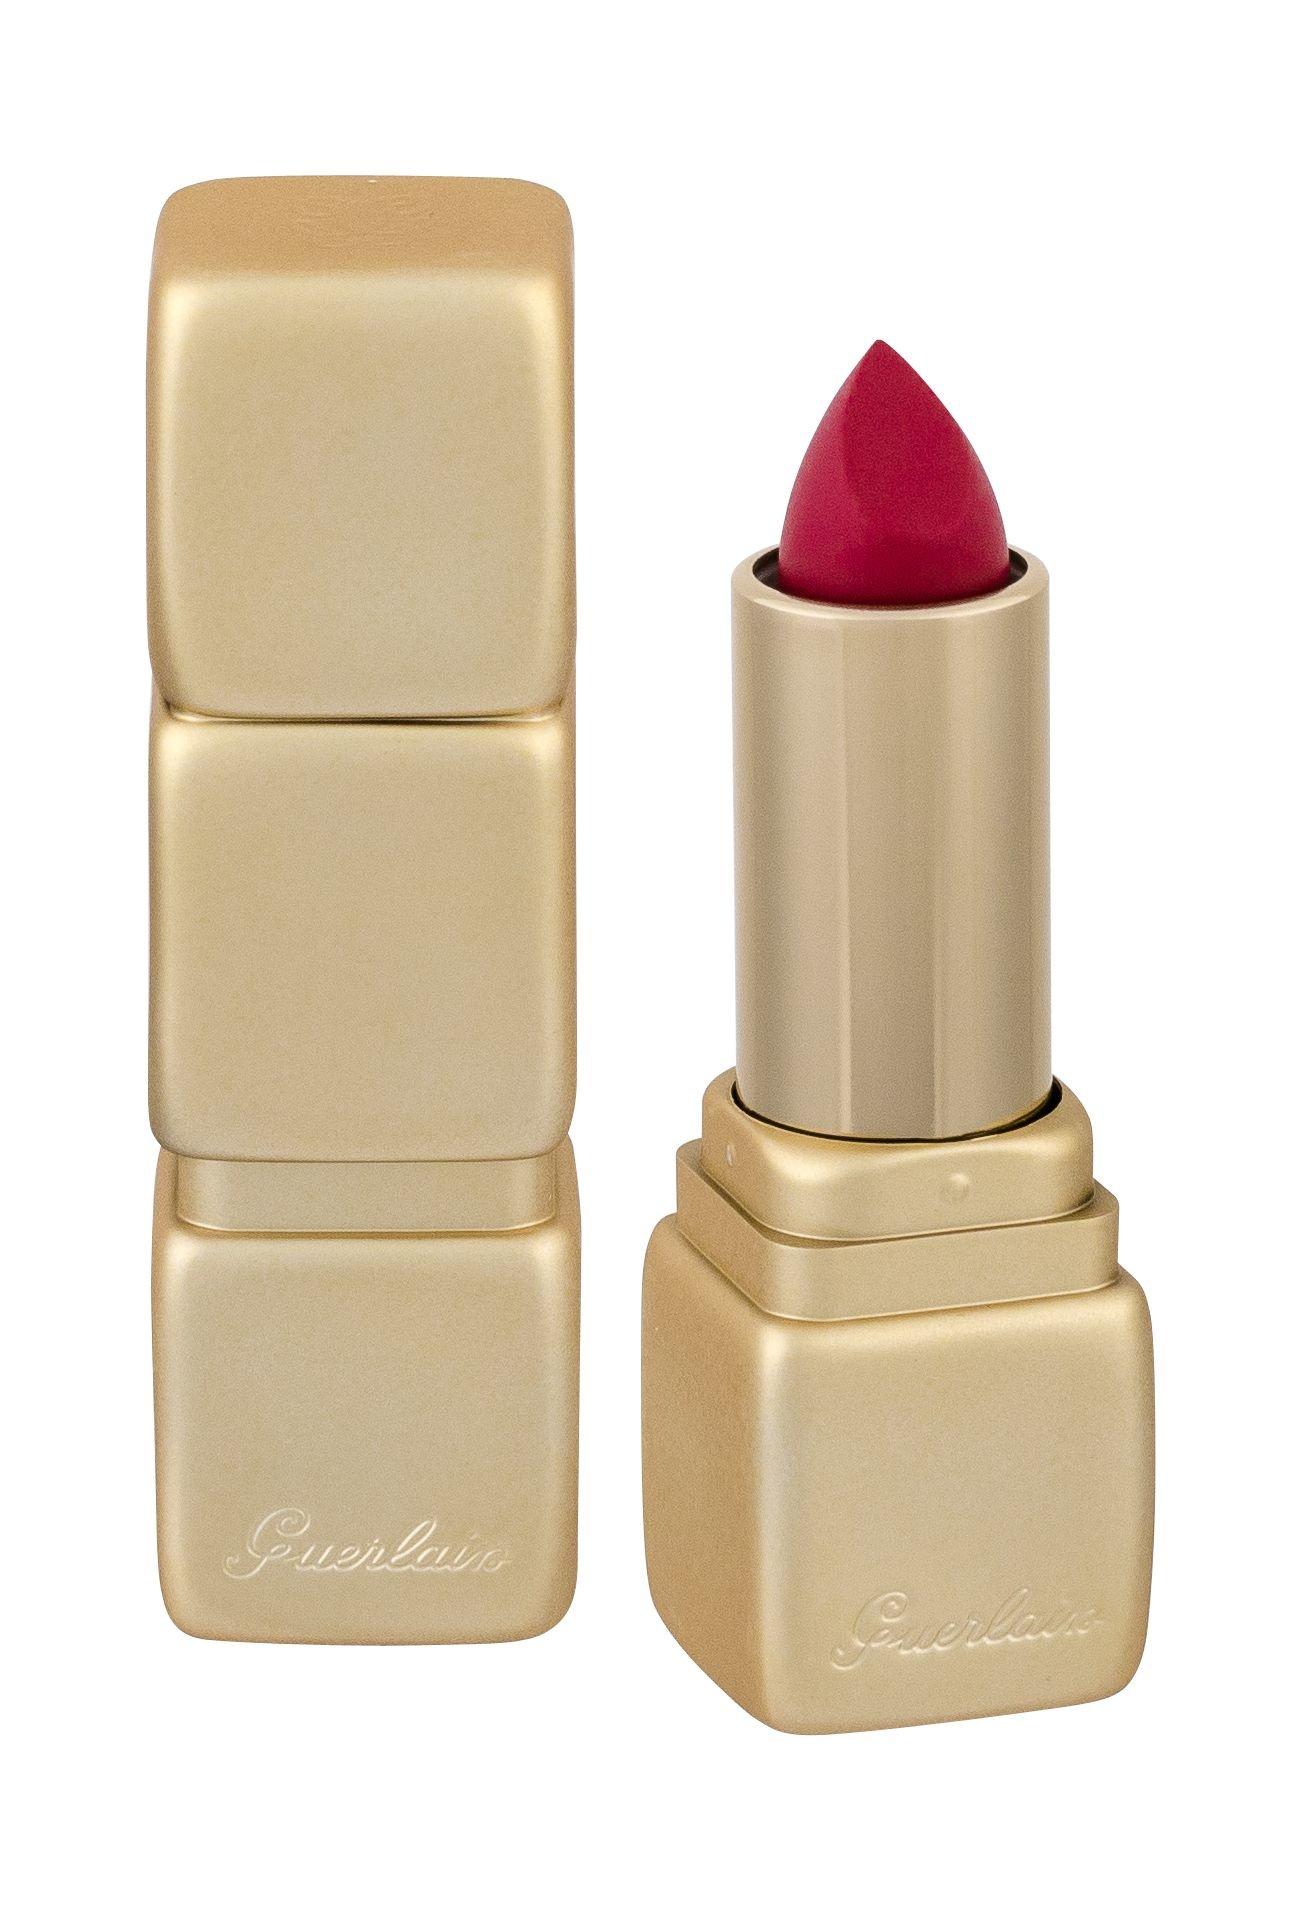 Guerlain KissKiss Lipstick 3,5ml M375 Flaming Rose